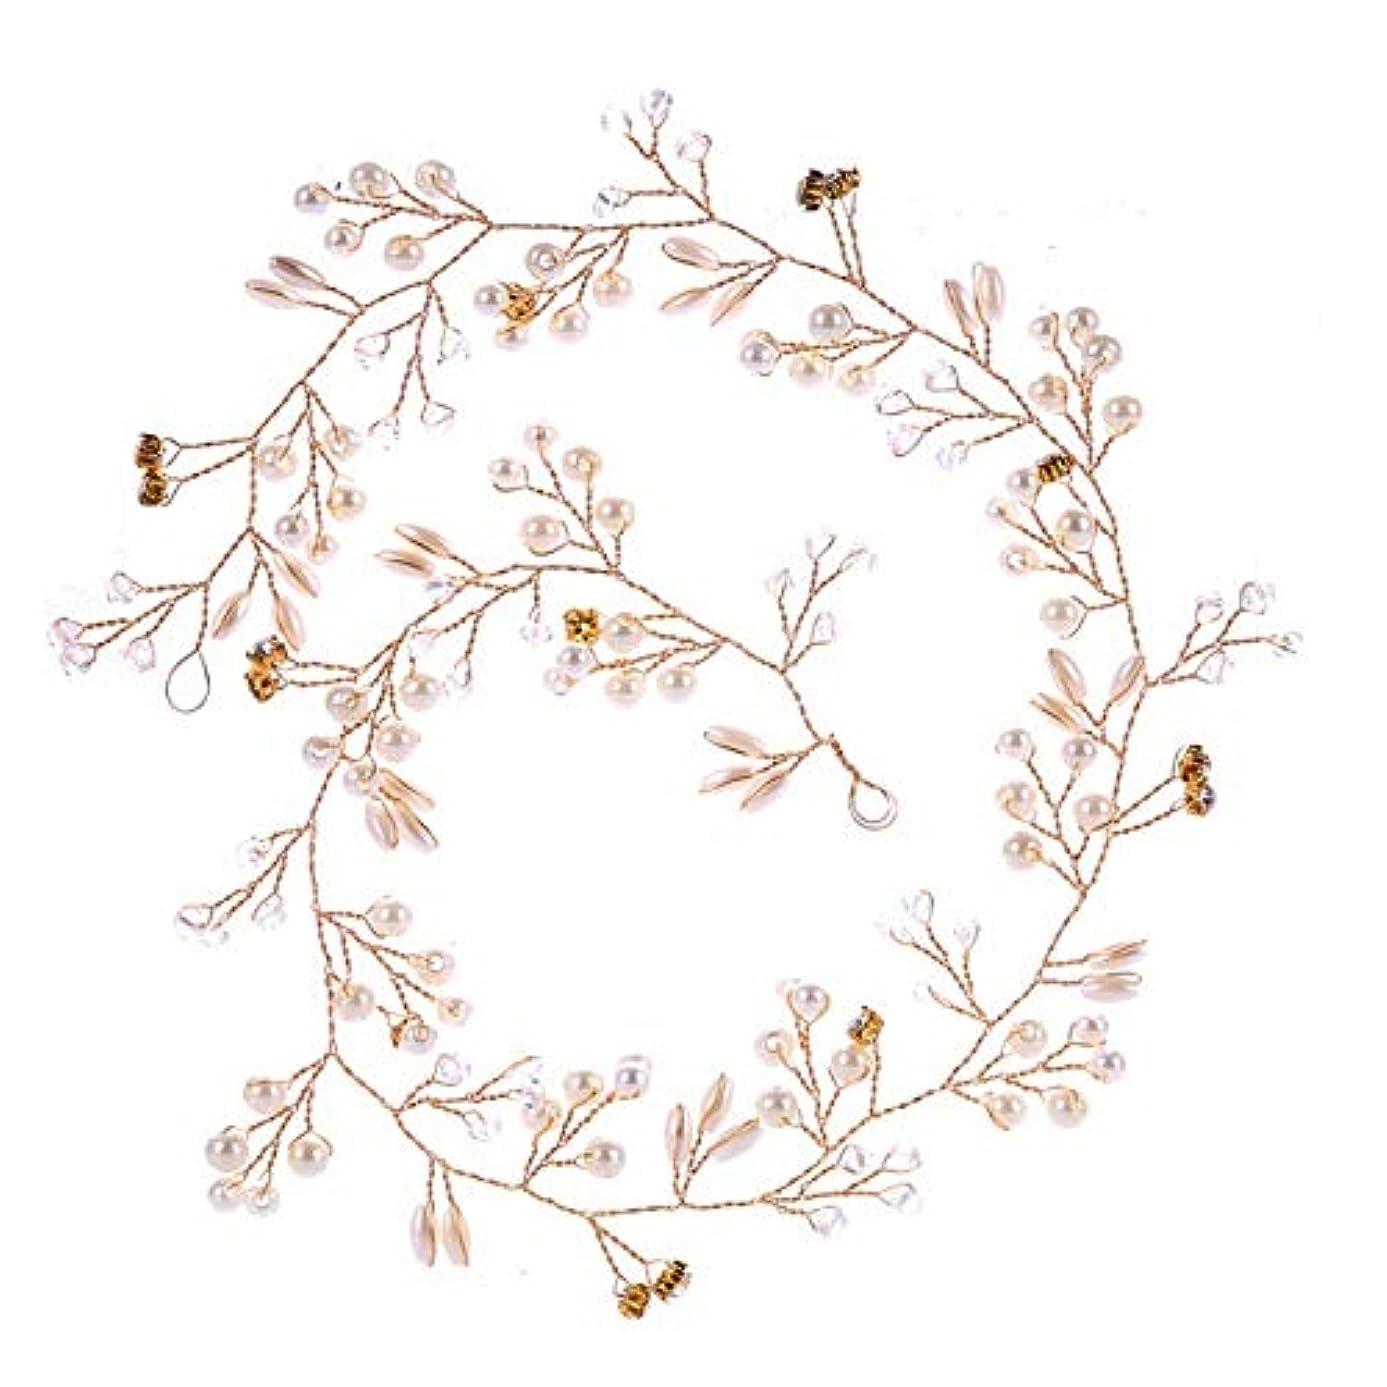 追い出す解く簡単にフラワーヘアピンFlowerHairpin YHM 50センチ結婚式のファッションヘッドドレス花嫁手作りの結婚式の王冠花パールヘアアクセサリーヘアピンの装飾品(ゴールド) (色 : Gold)